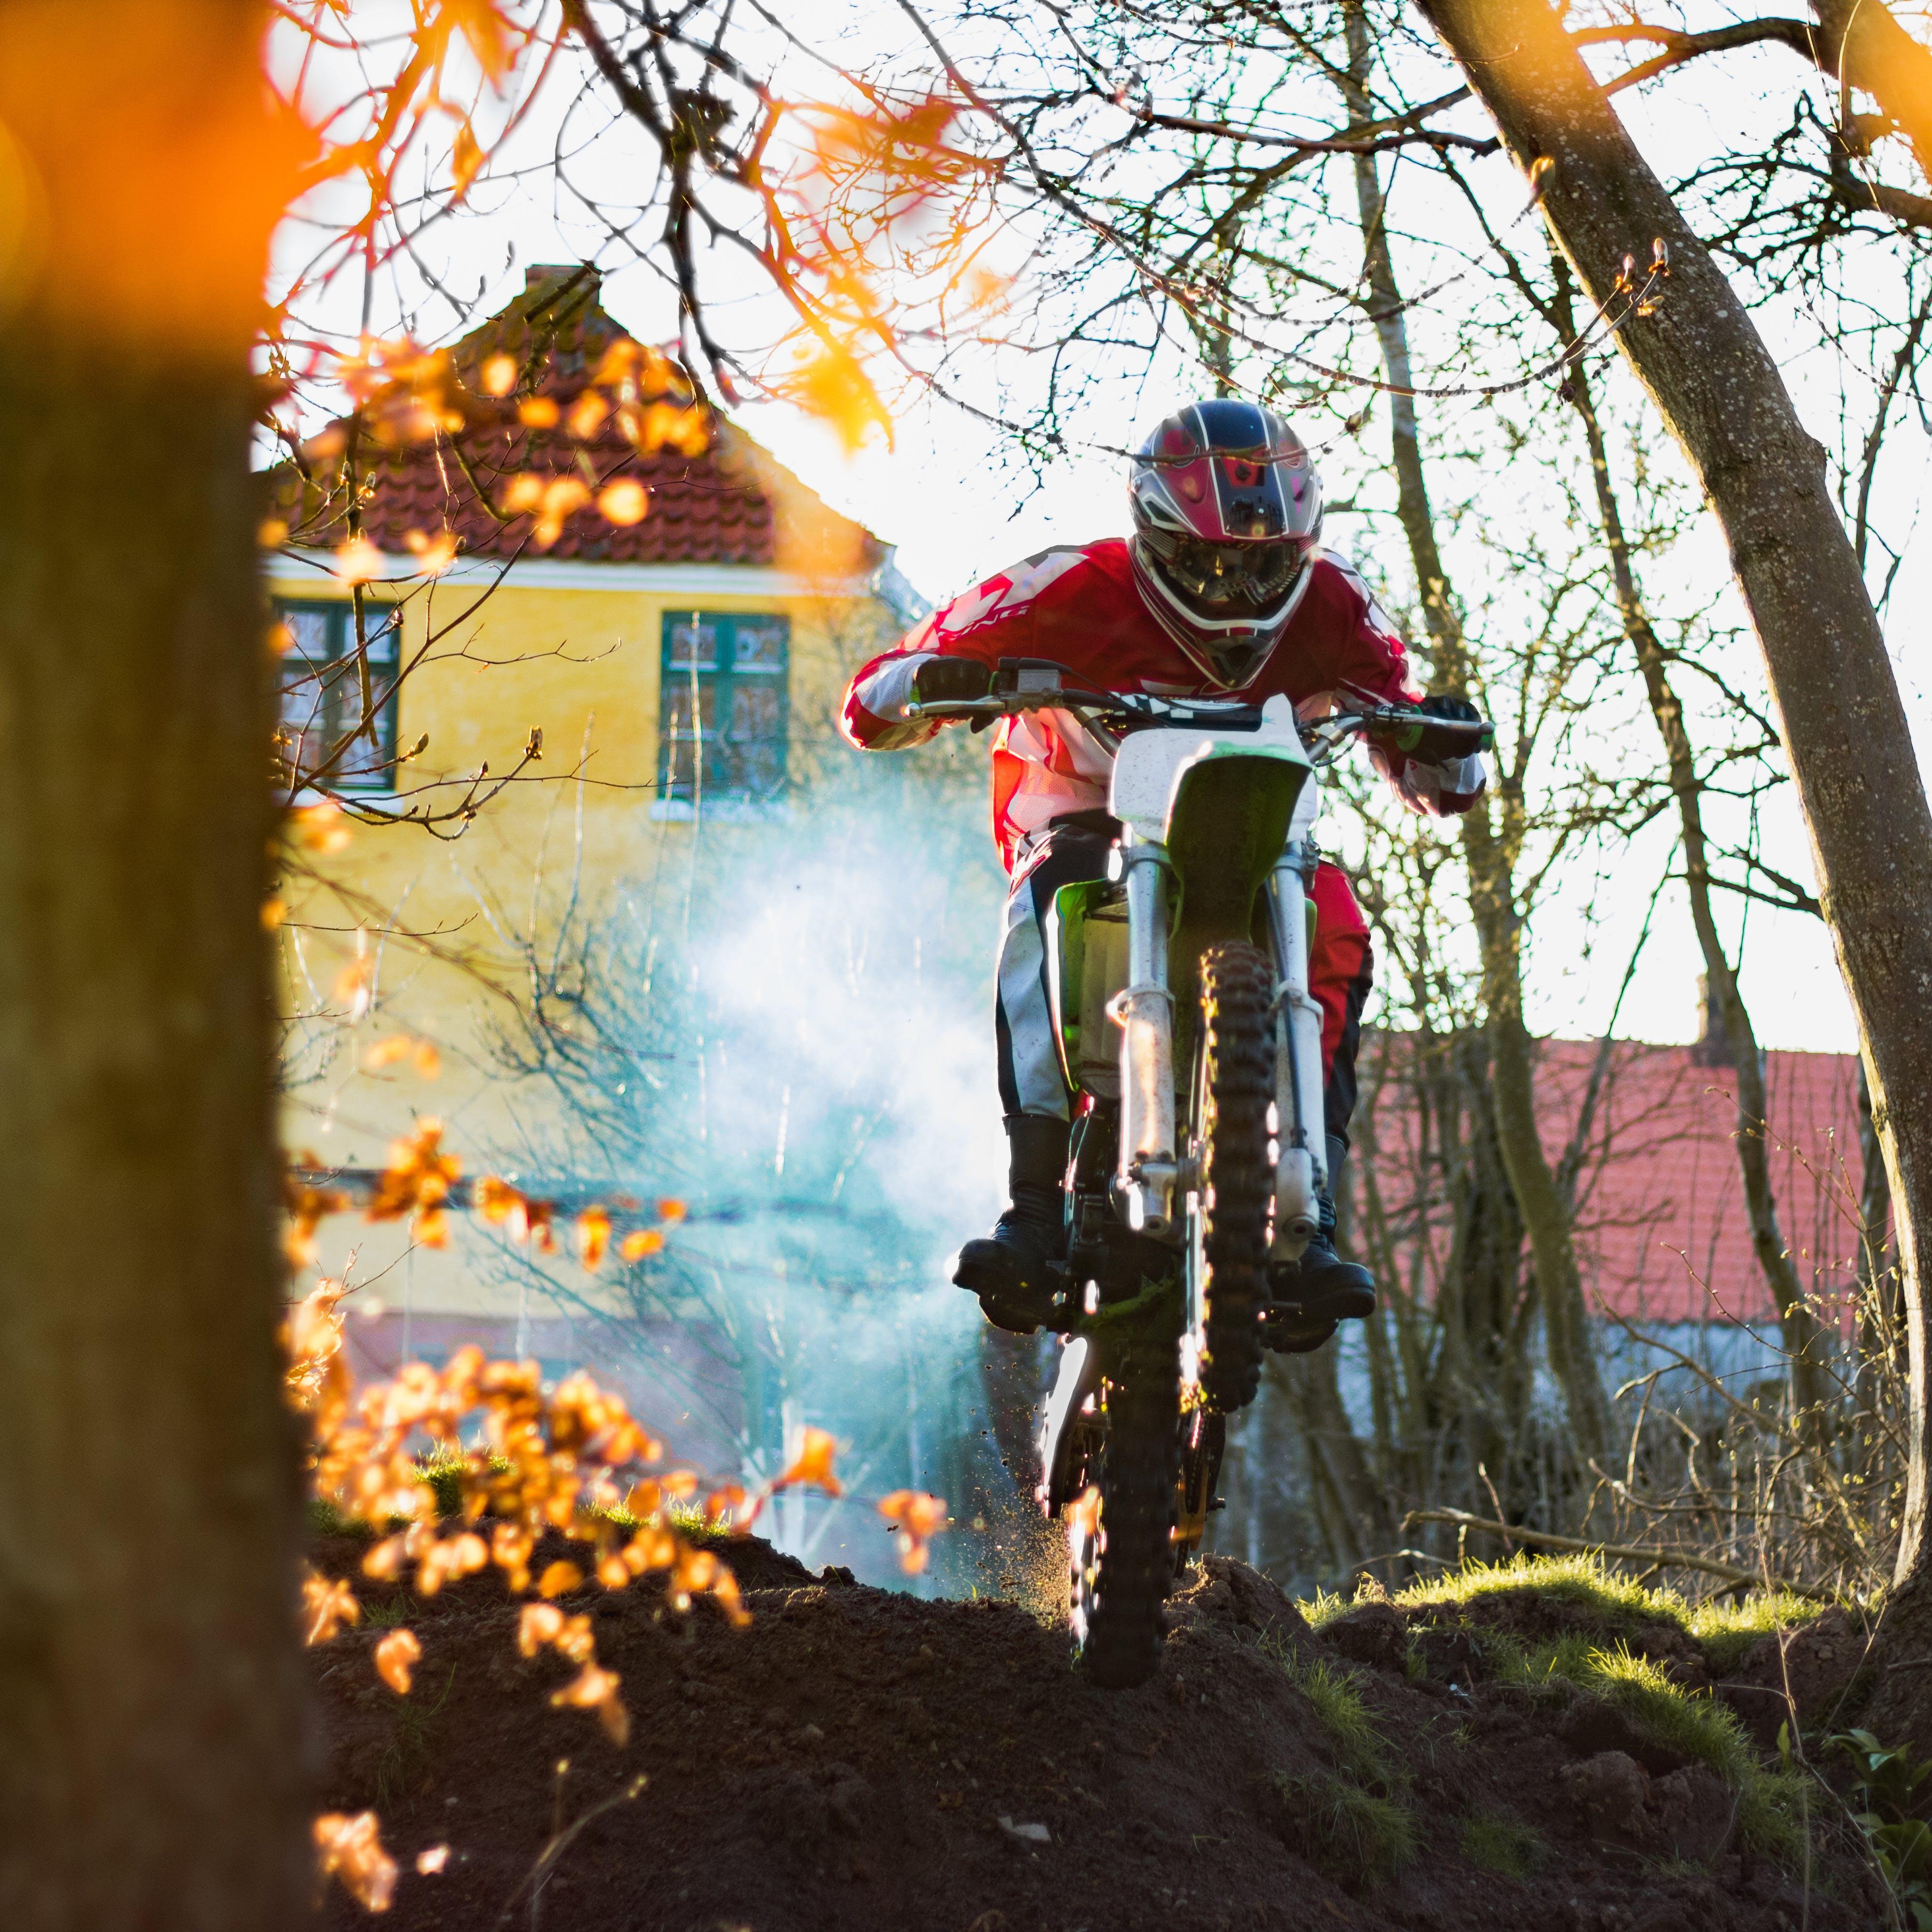 Free stock photo of bike in air, cross, dirt, dirt bike